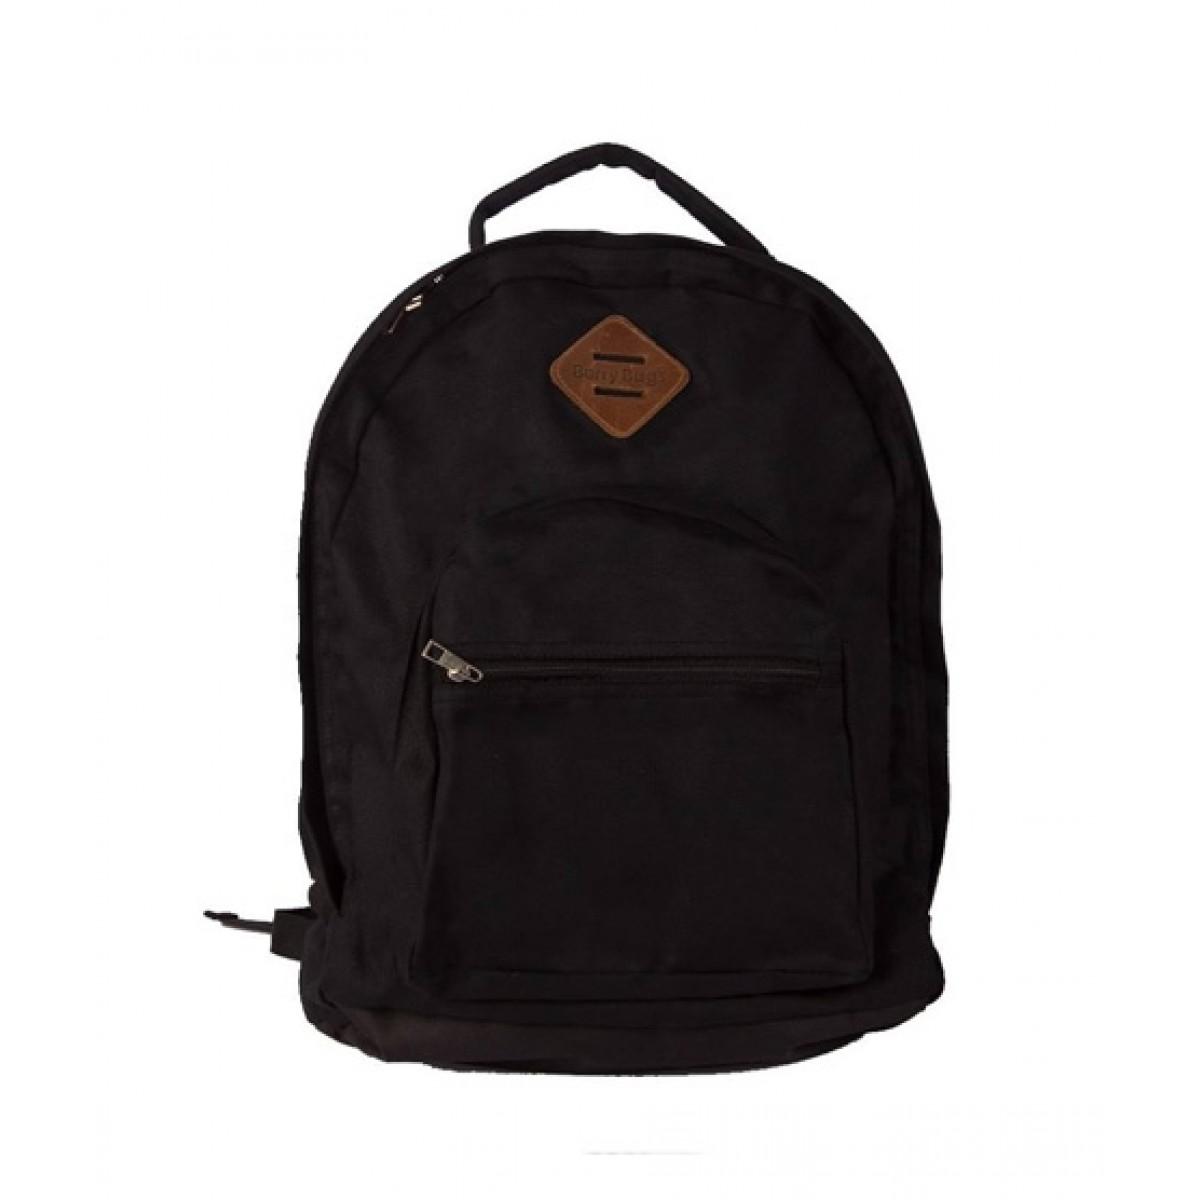 Al-Quraish School Bag For Kids Black